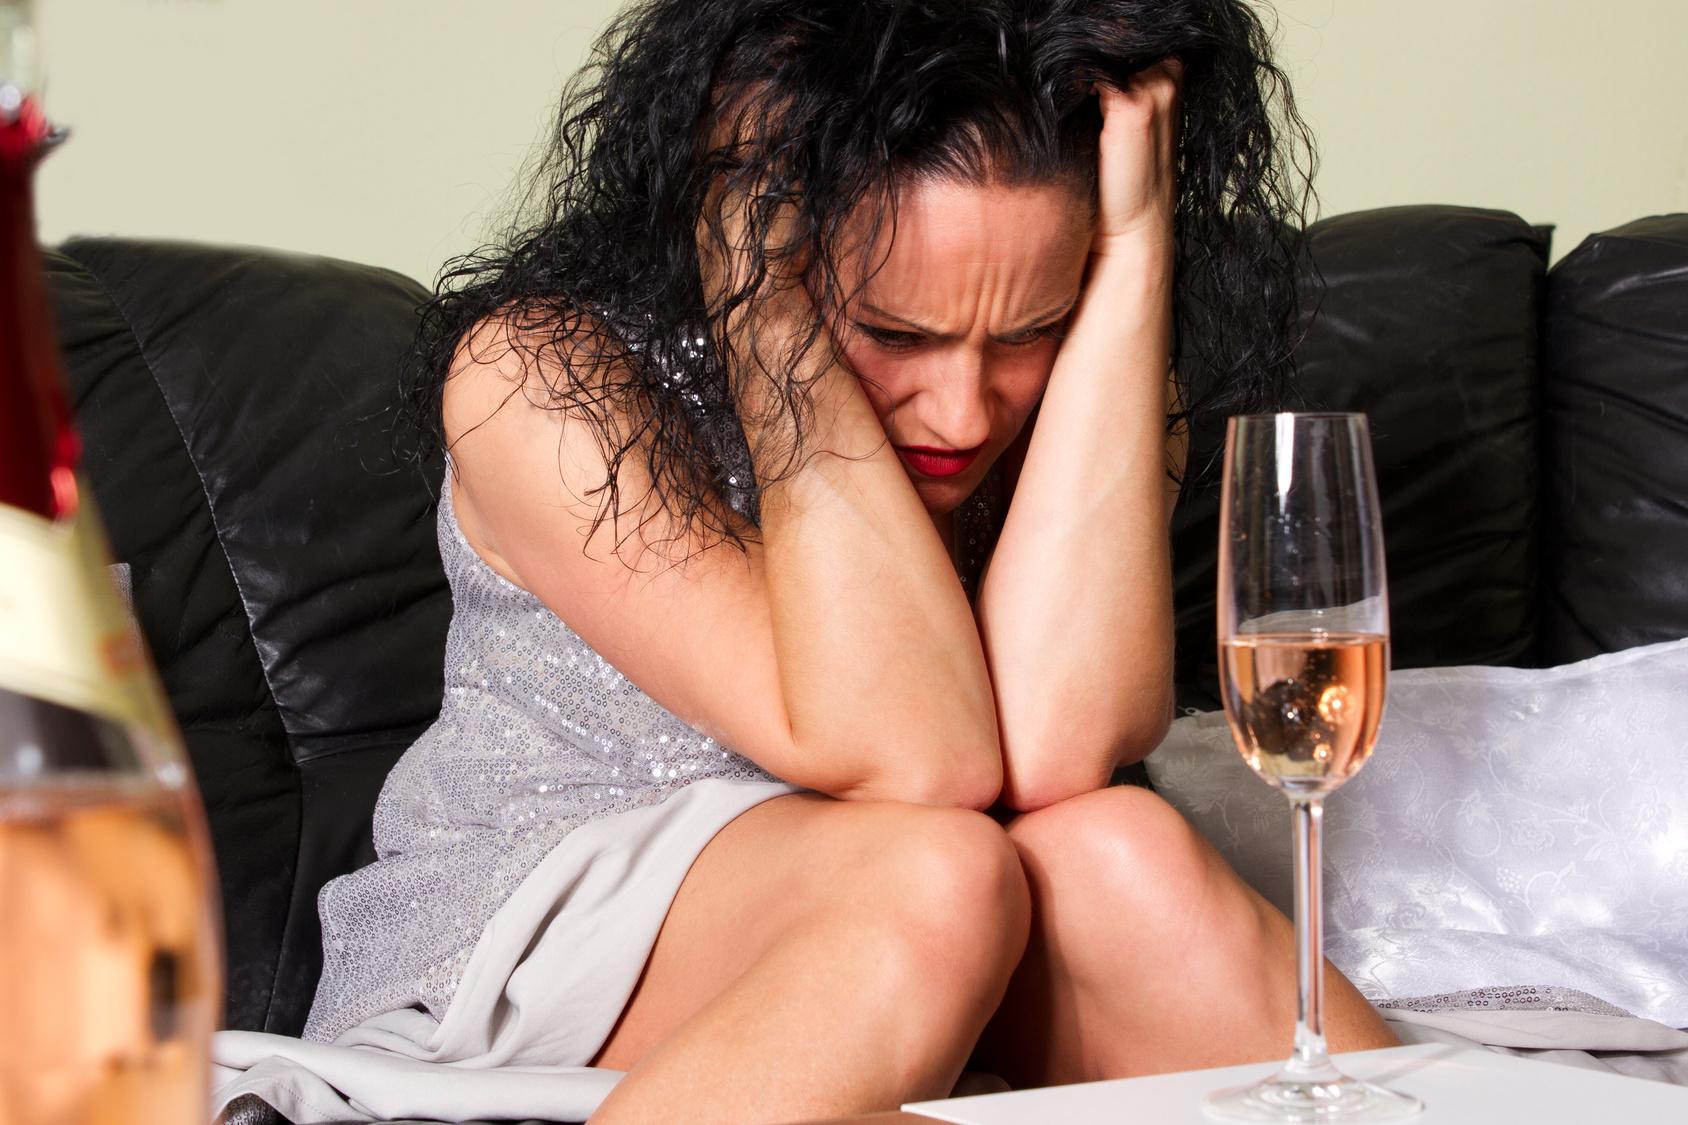 Alleinerziehend: Von der Gesellschaft im Stich gelassen